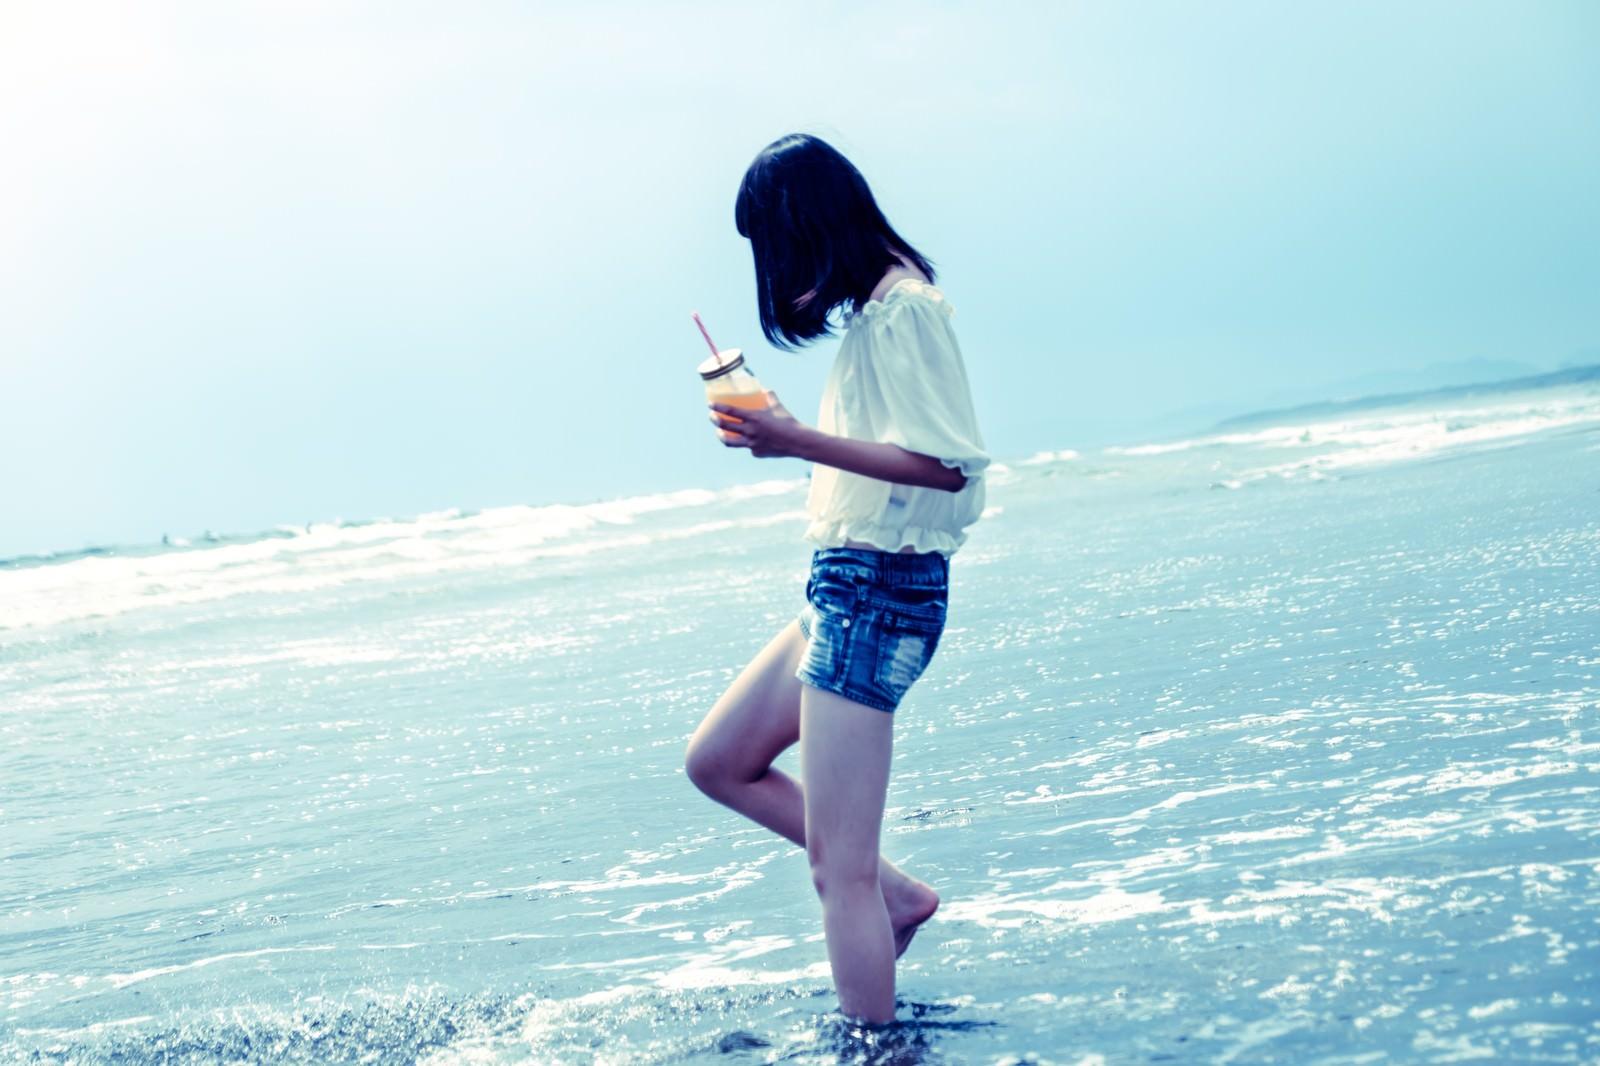 「裸足で波打ち際に立つ女性 | 写真の無料素材・フリー素材 - ぱくたそ」の写真